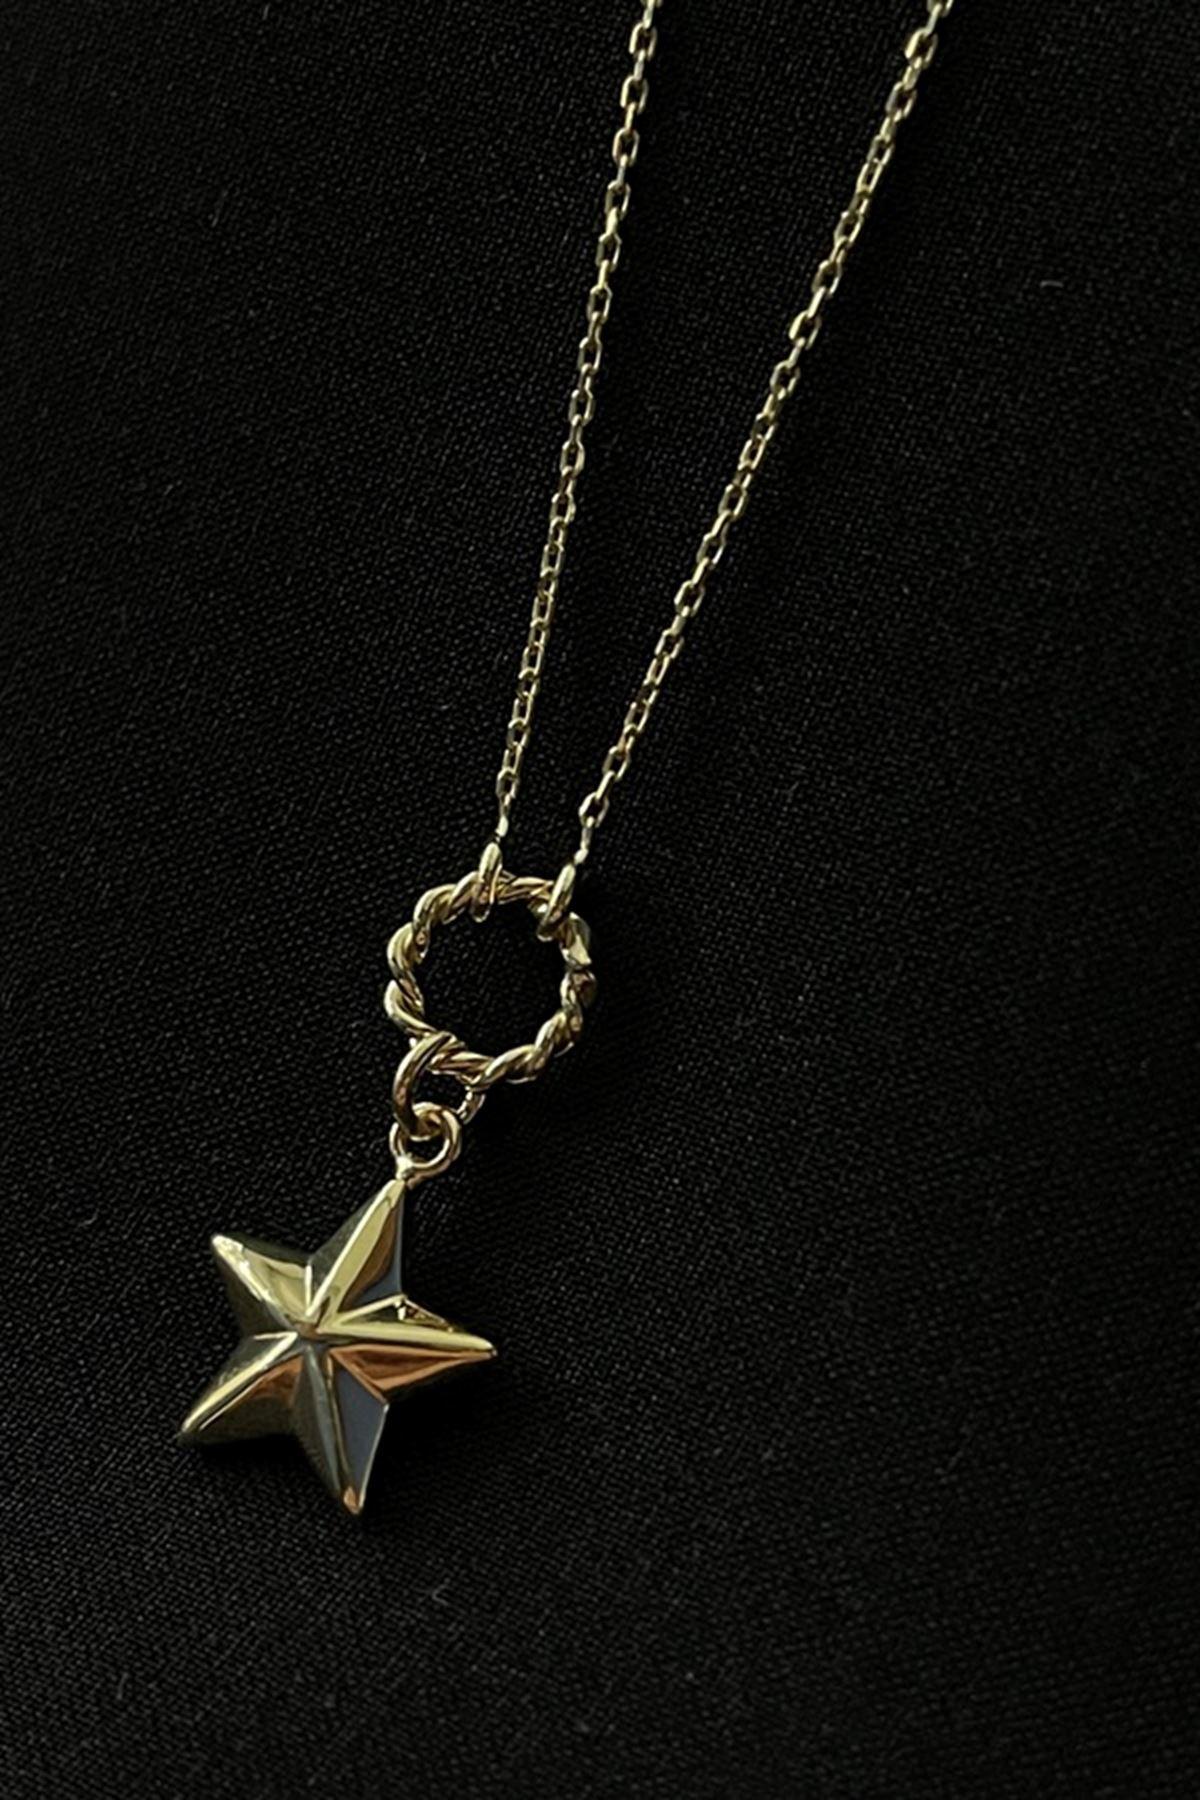 Halkalı Yıldız Kolye KL0234